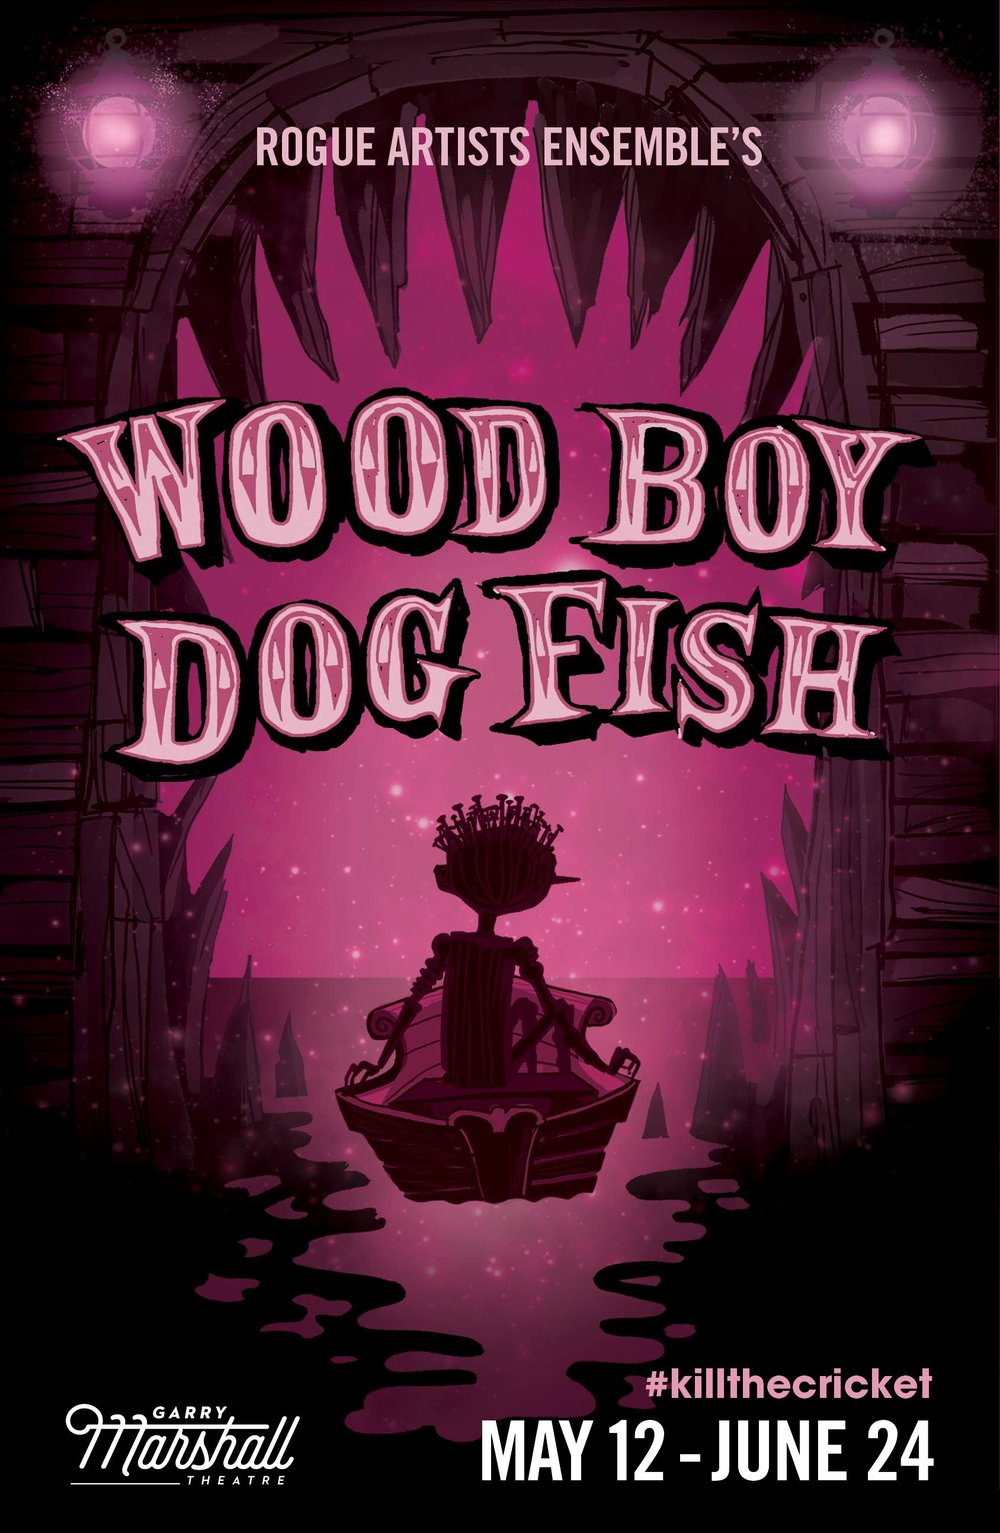 Wood Boy Dog Fish - May 18 – June 24, 2018 Previews:Saturday, May 12 at 8pm,Sunday May 13 at 3pm & 7:30pm, Wednesday May 16 at 8pm